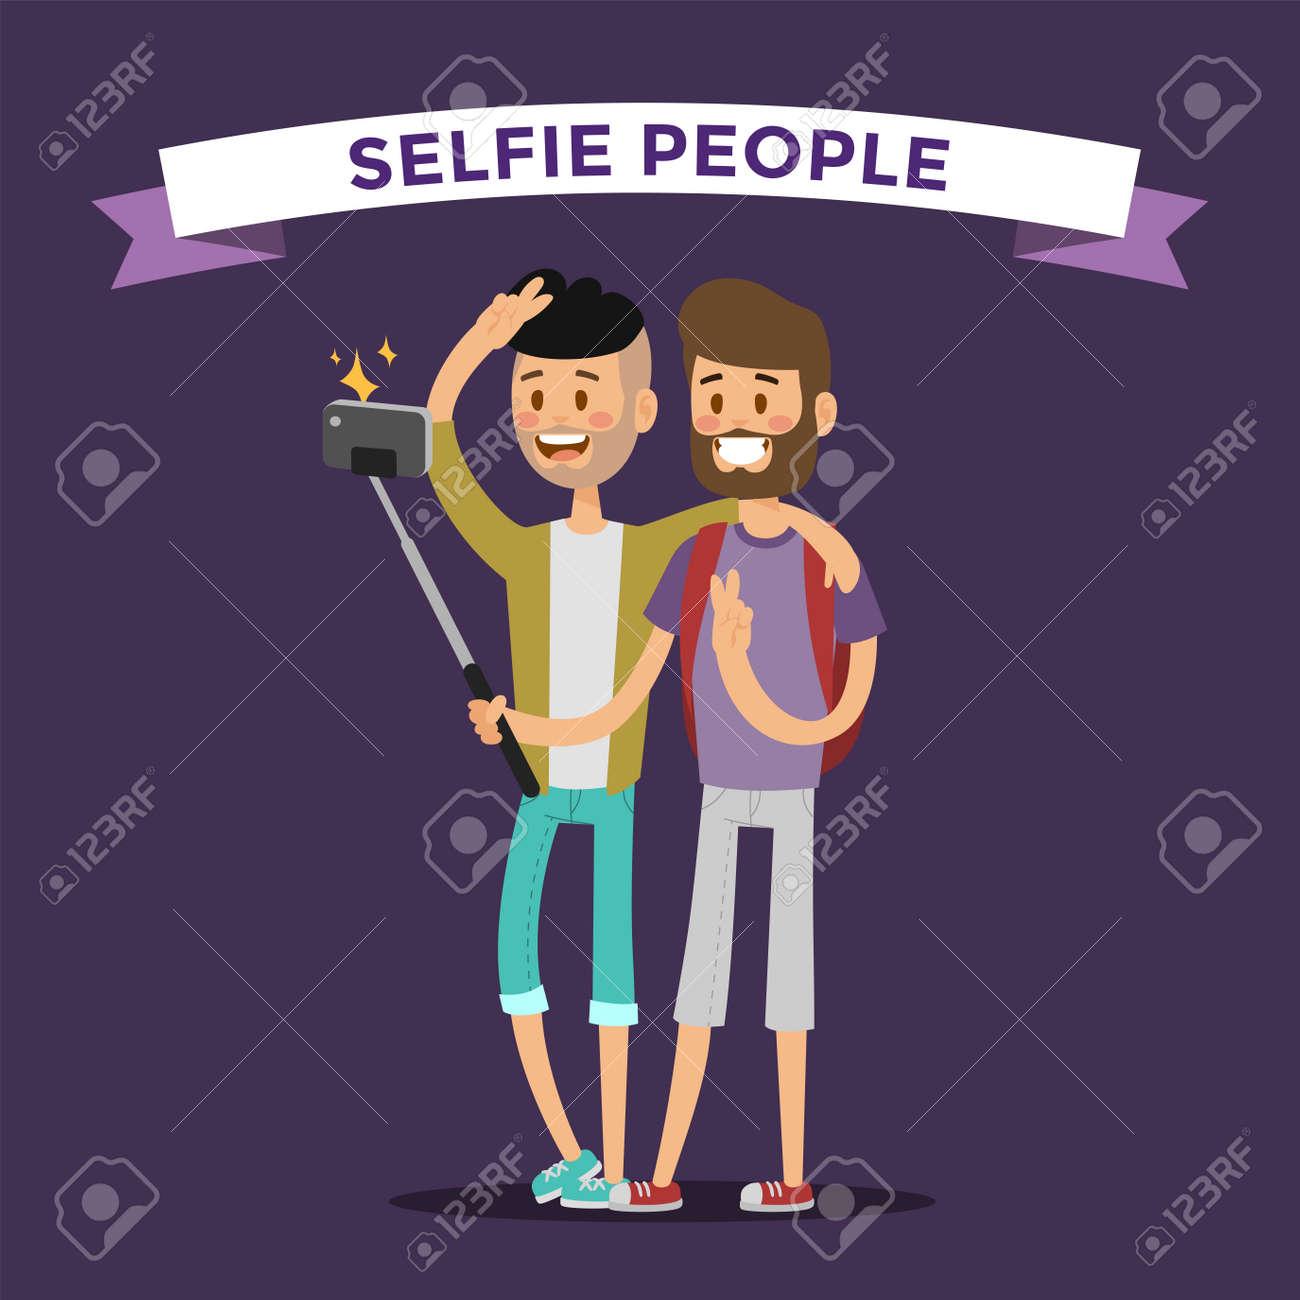 геев в иллюстрации